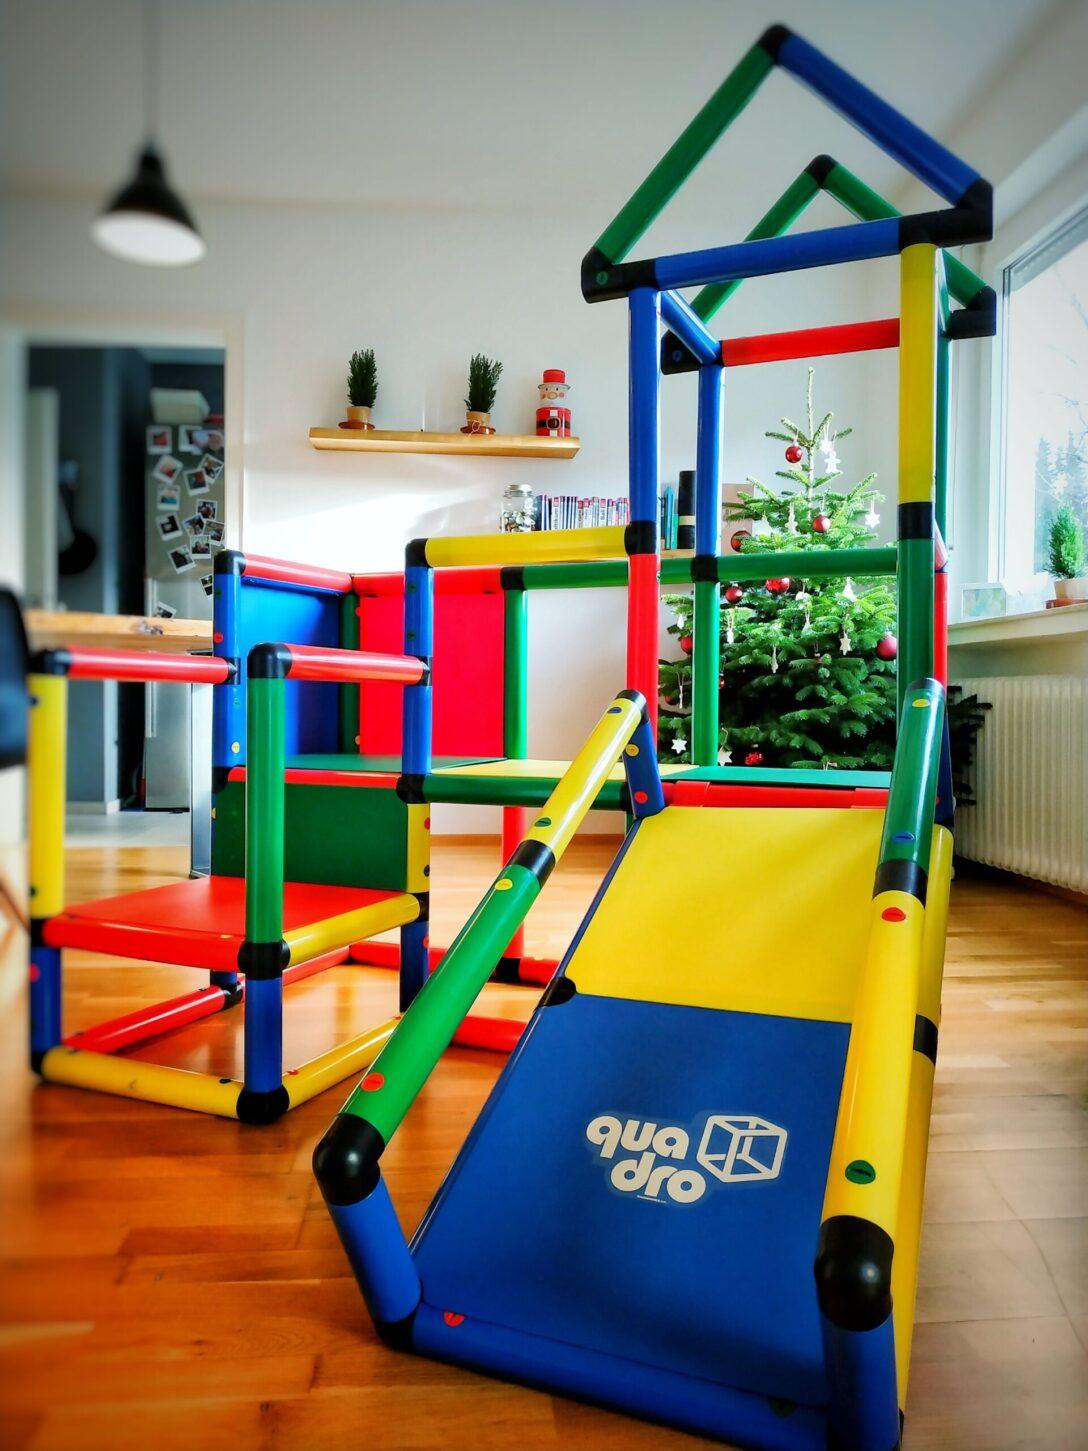 Large Size of Kidwood Klettergerst Rakete Game Set Aus Holz Fr Indoor Regal Klettergerüst Garten Wohnzimmer Kidwood Klettergerüst